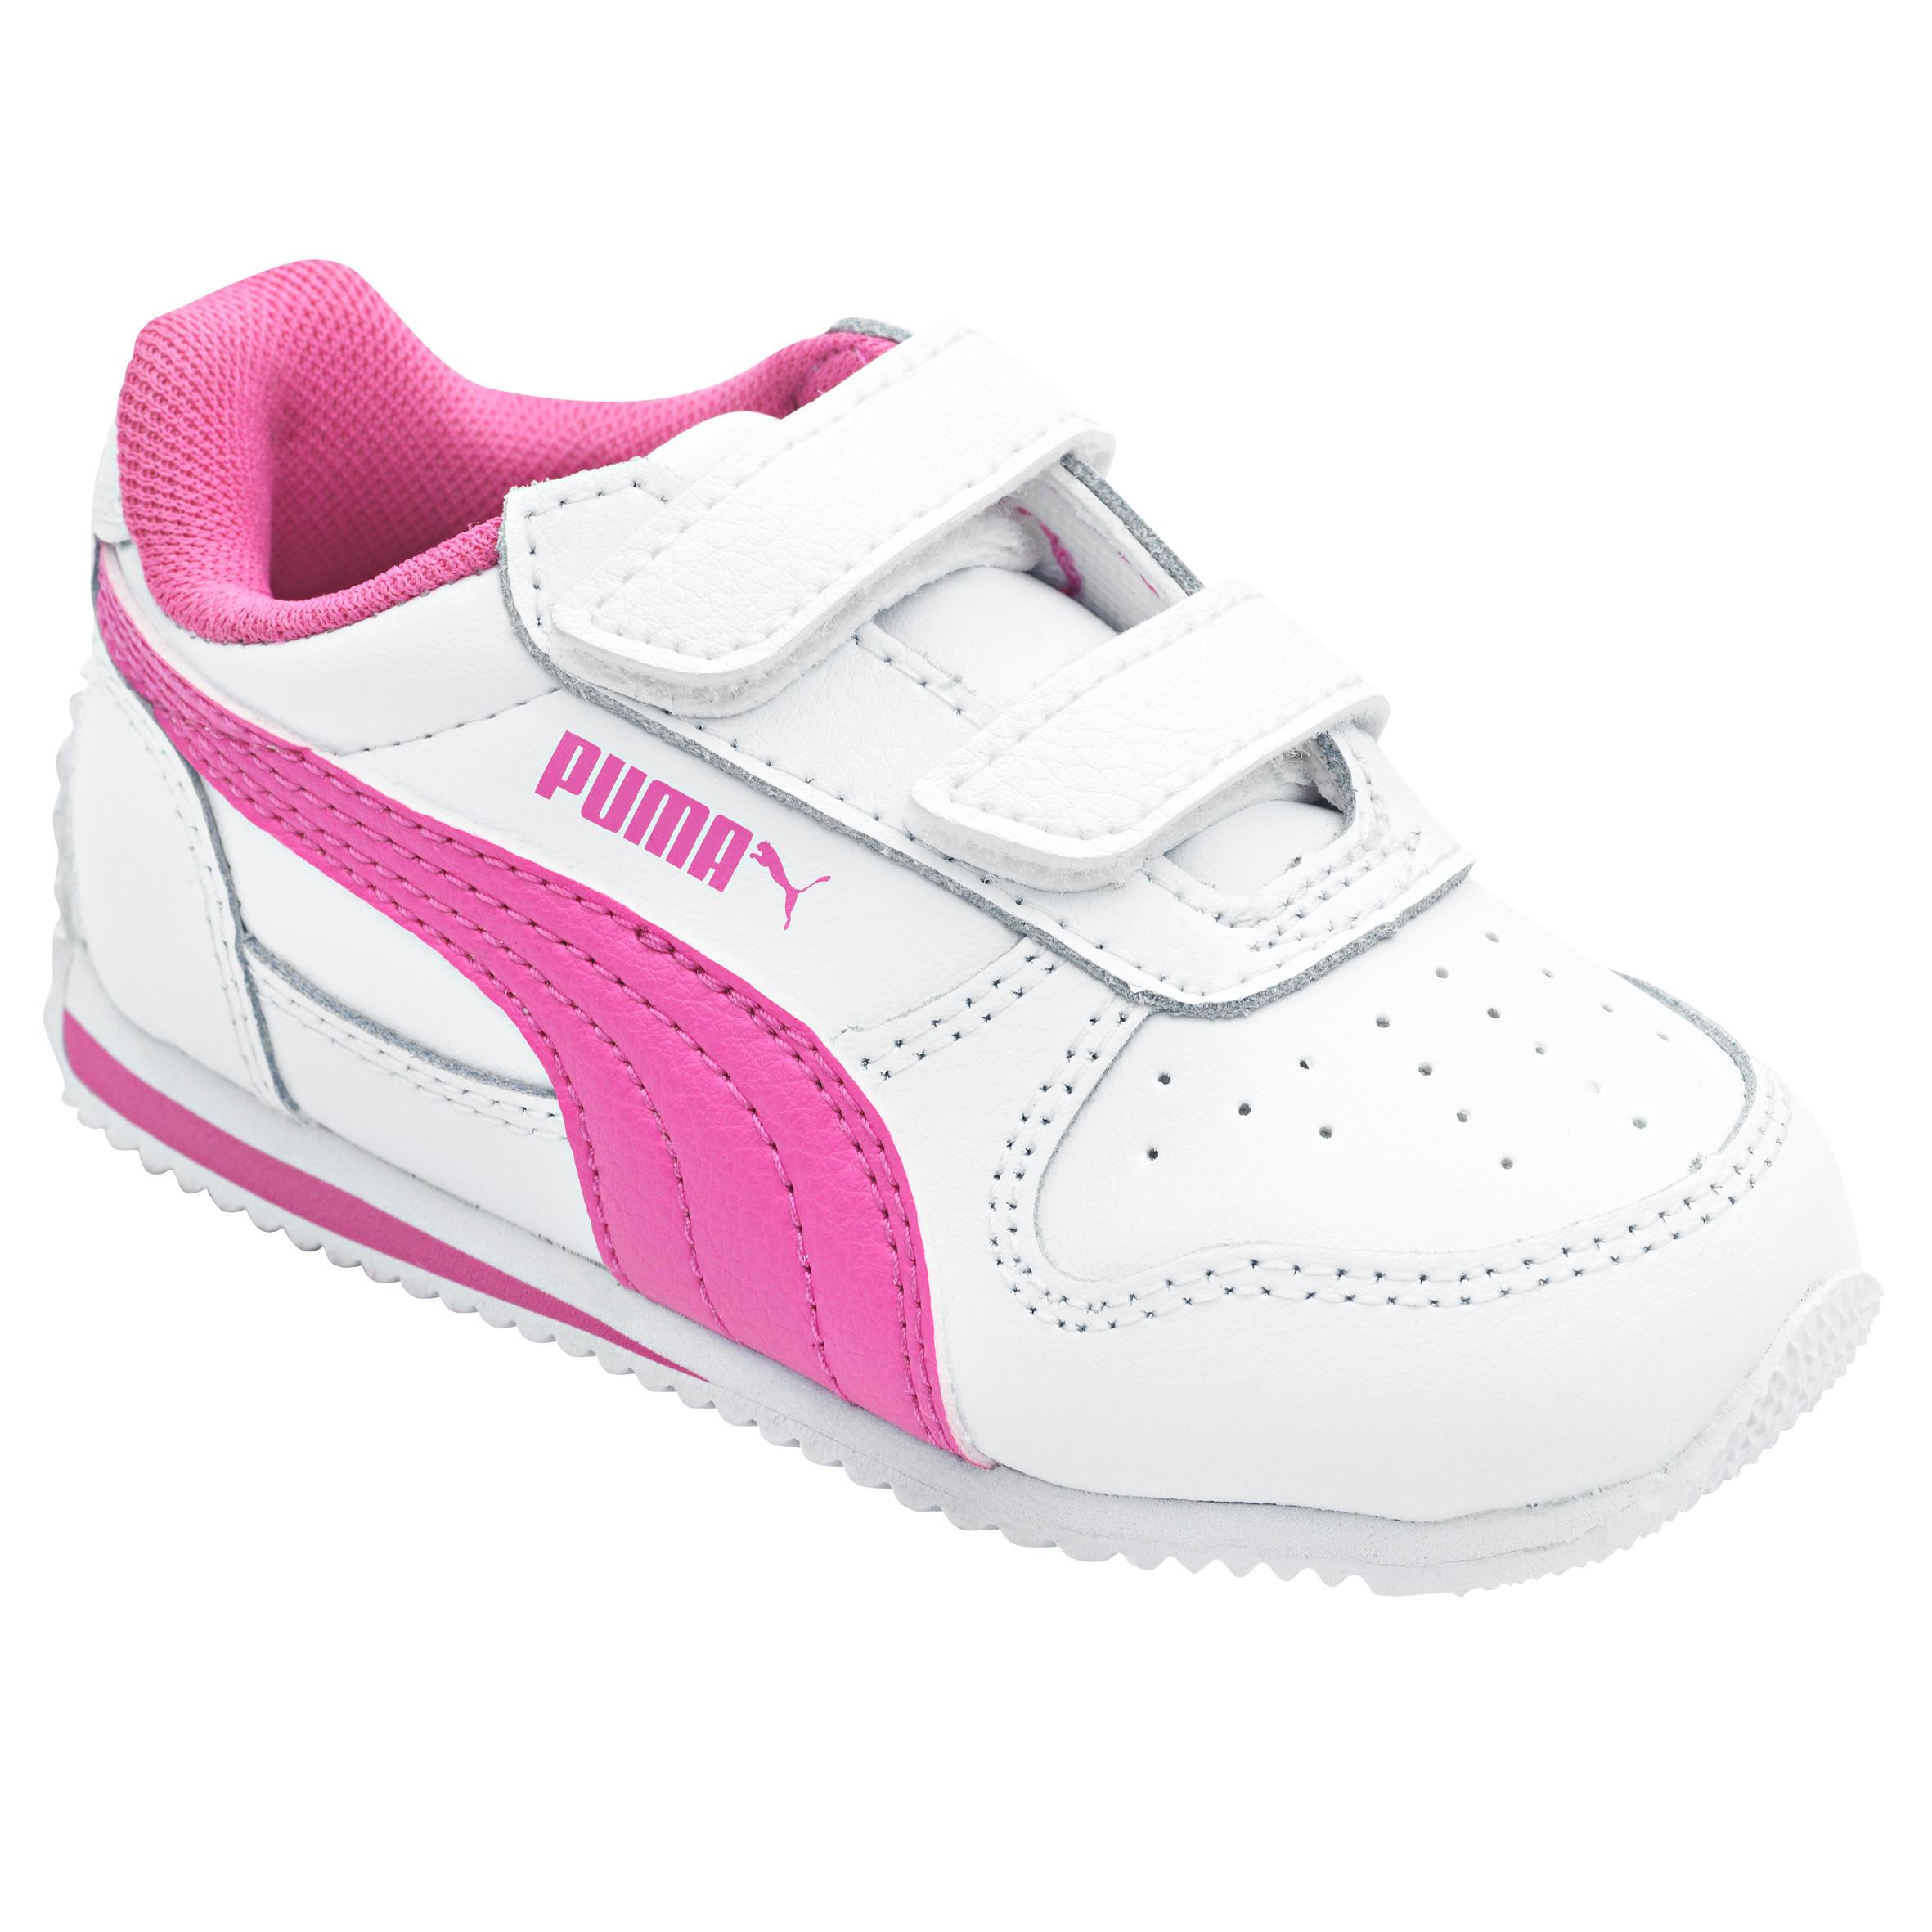 Chaussures Chaussures Chaussures Blc Puma Bébé Fieldsprint